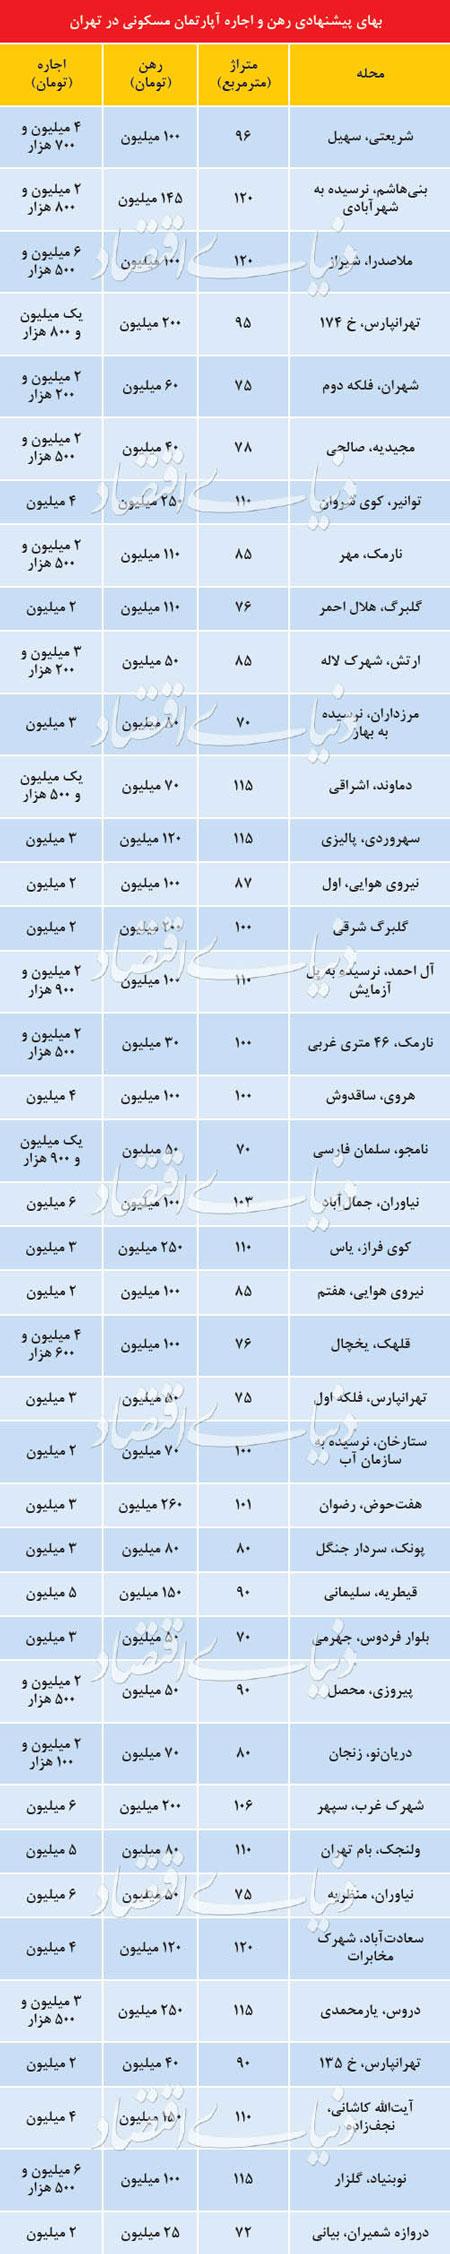 قیمت رهن و اجاره آپارتمان در نقاط مختلف تهران +جدول